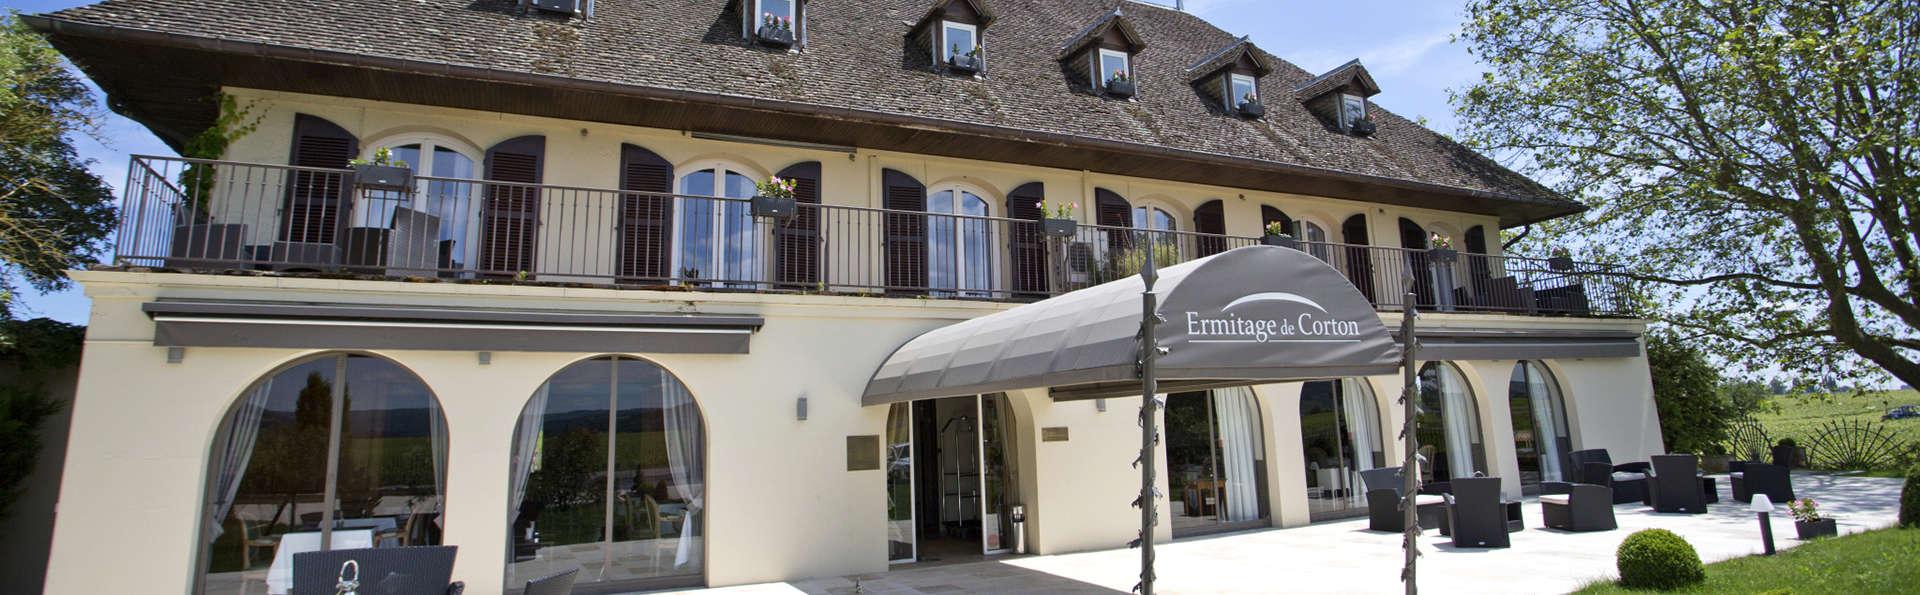 L'Ermitage de Corton - Edit_Front.jpg